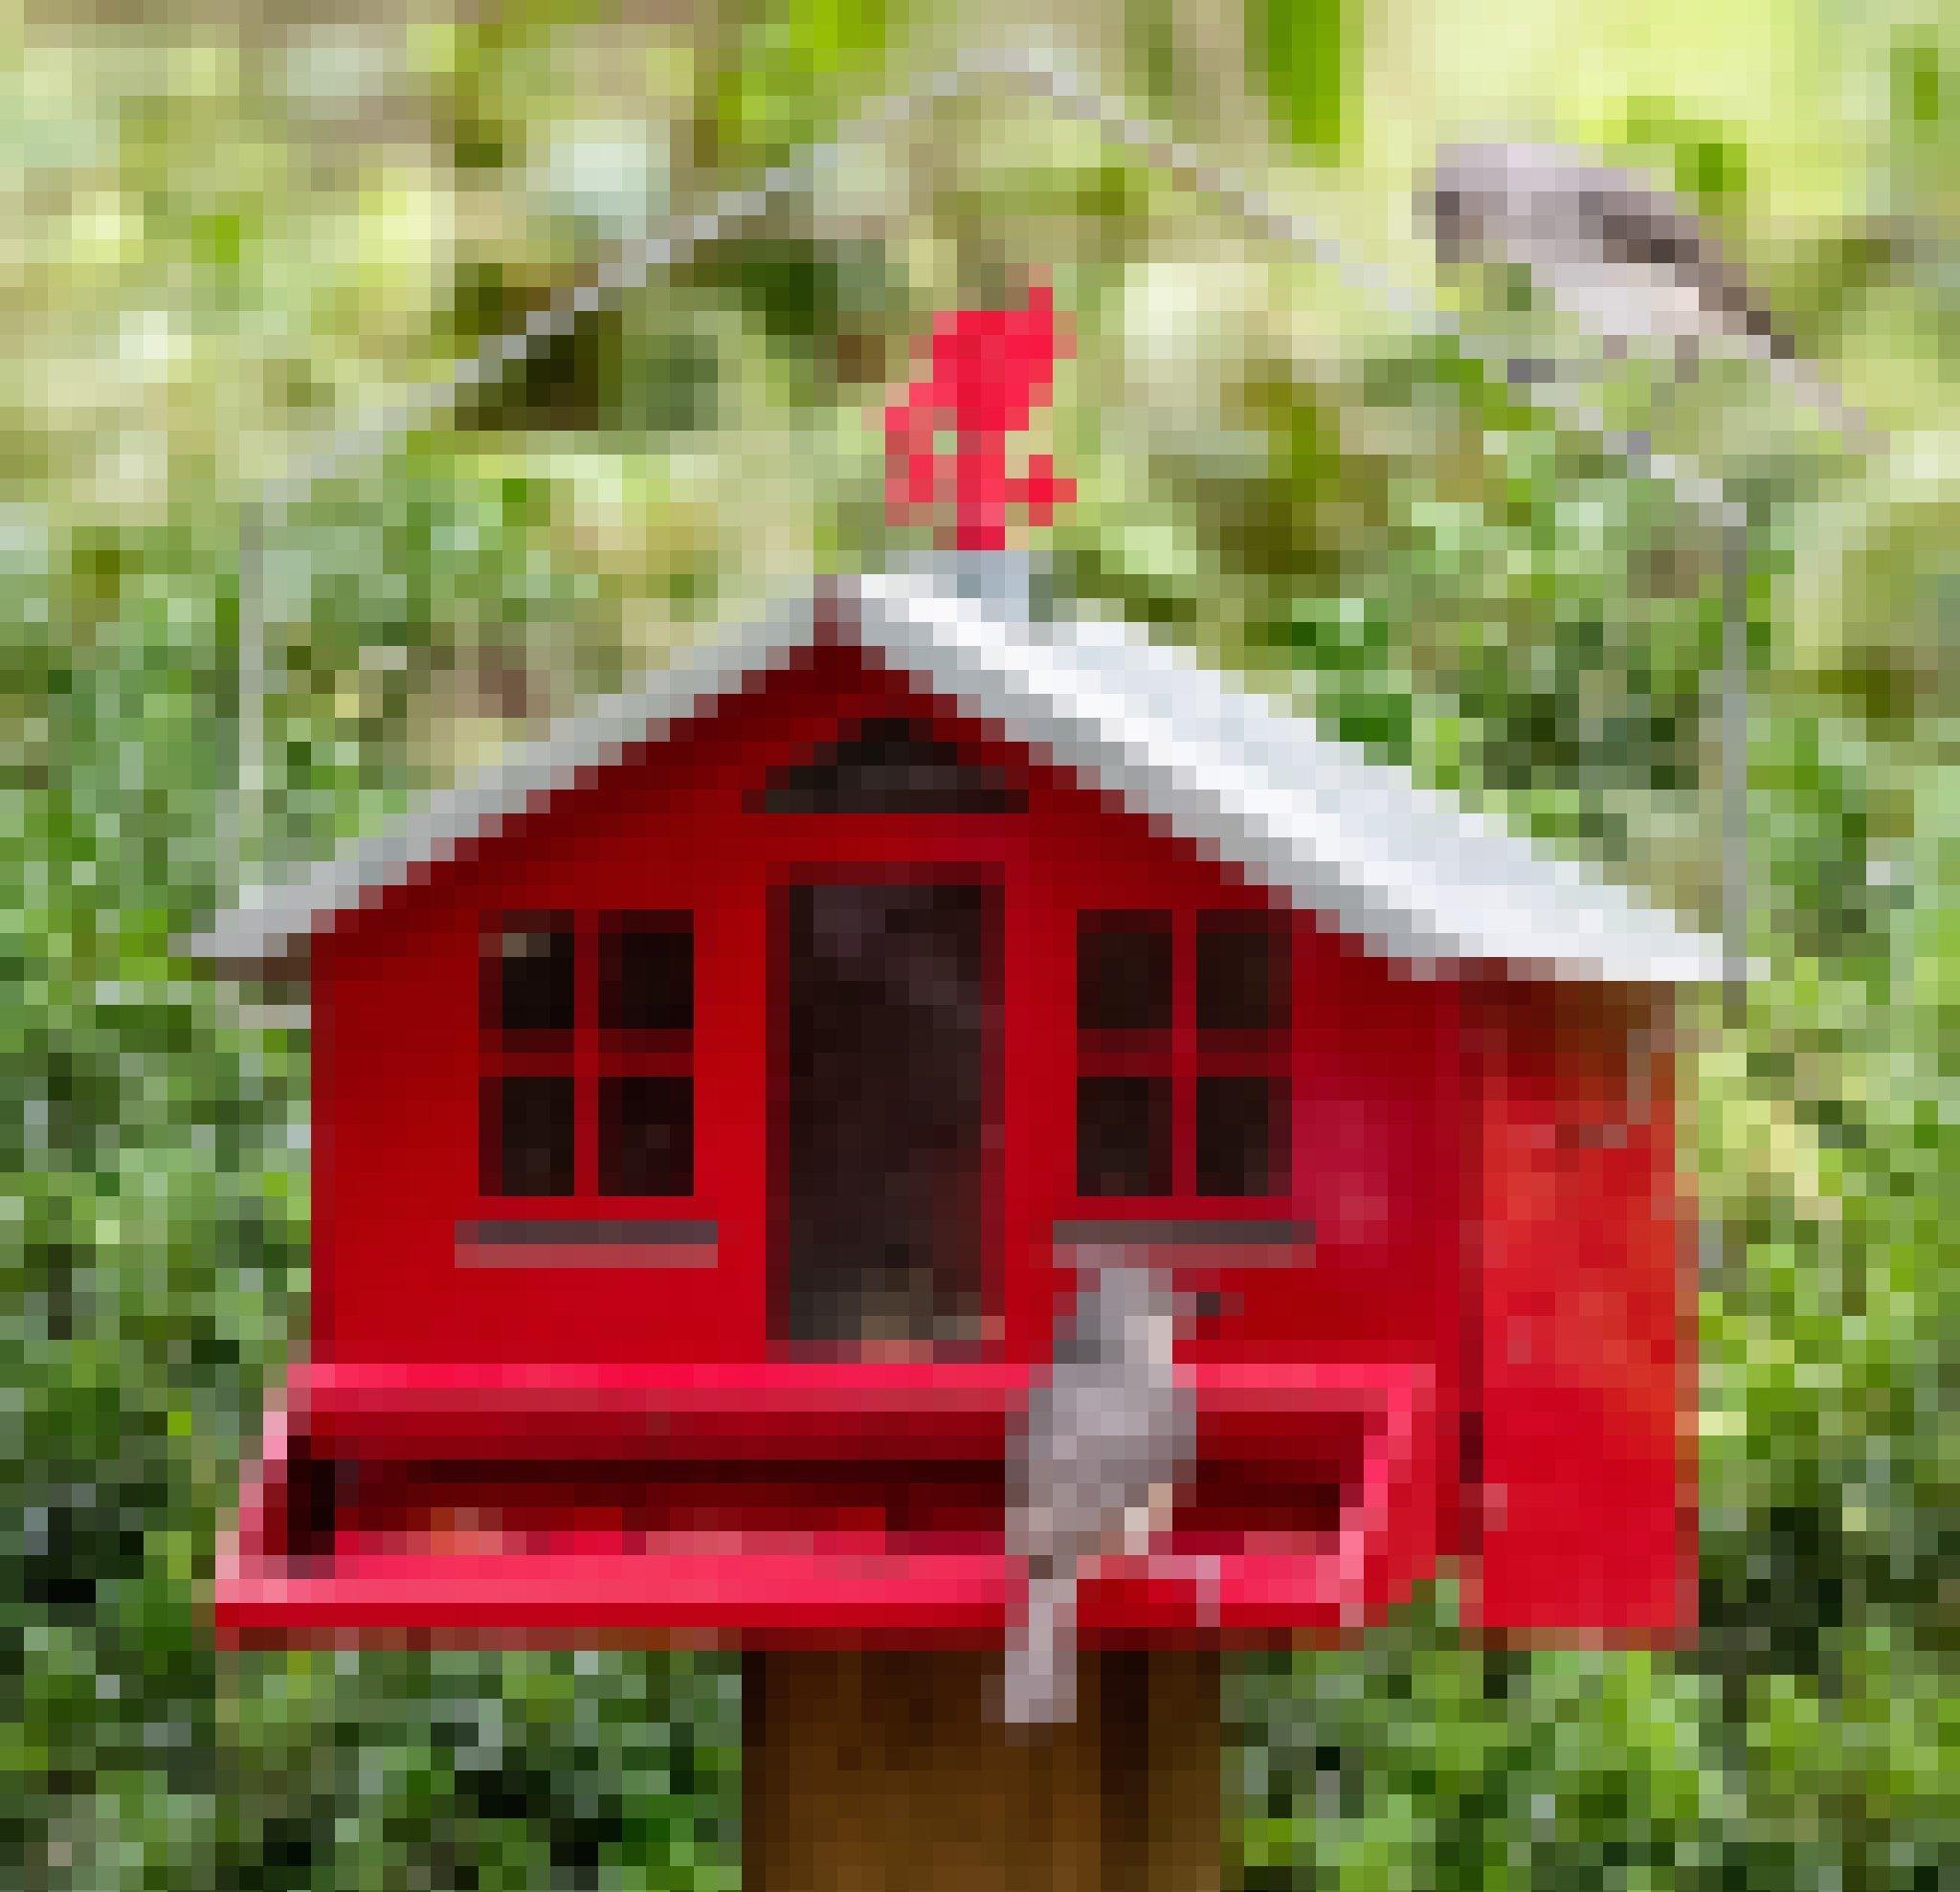 Zwei kleine graue Vögel sitzen auf und vor einem roten Vogelhäuschen. Einer hält einen Kern im Schnabel.